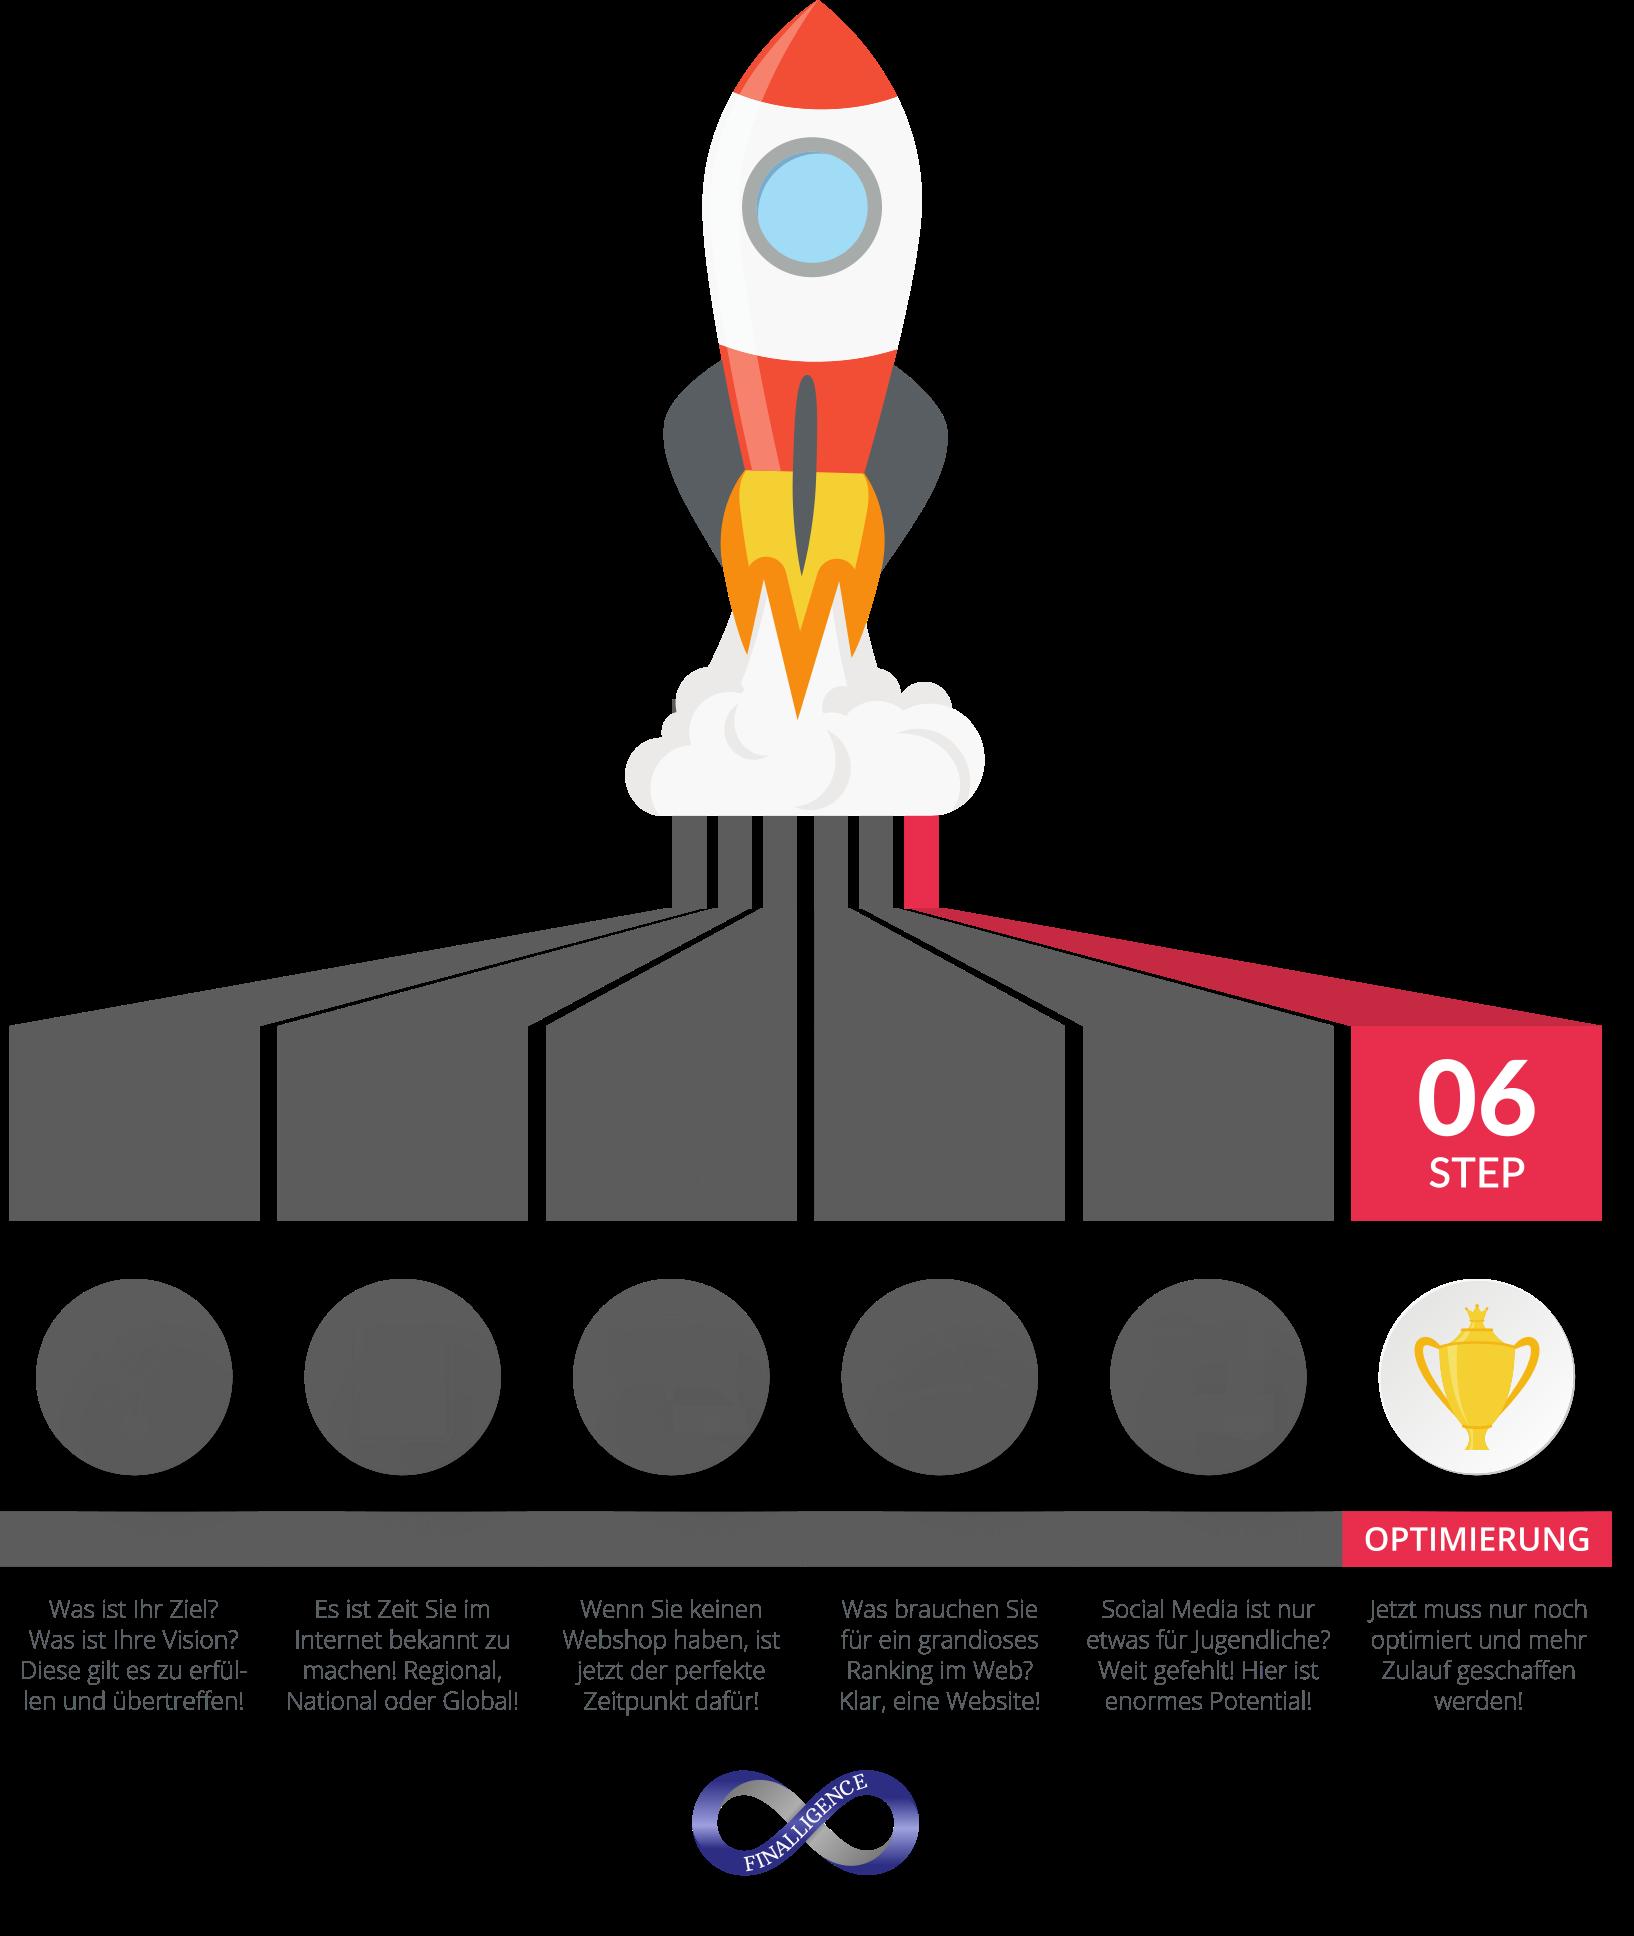 Online Auftritt Rakete für sichtbaren Erfolg - Step06 | Finalligence